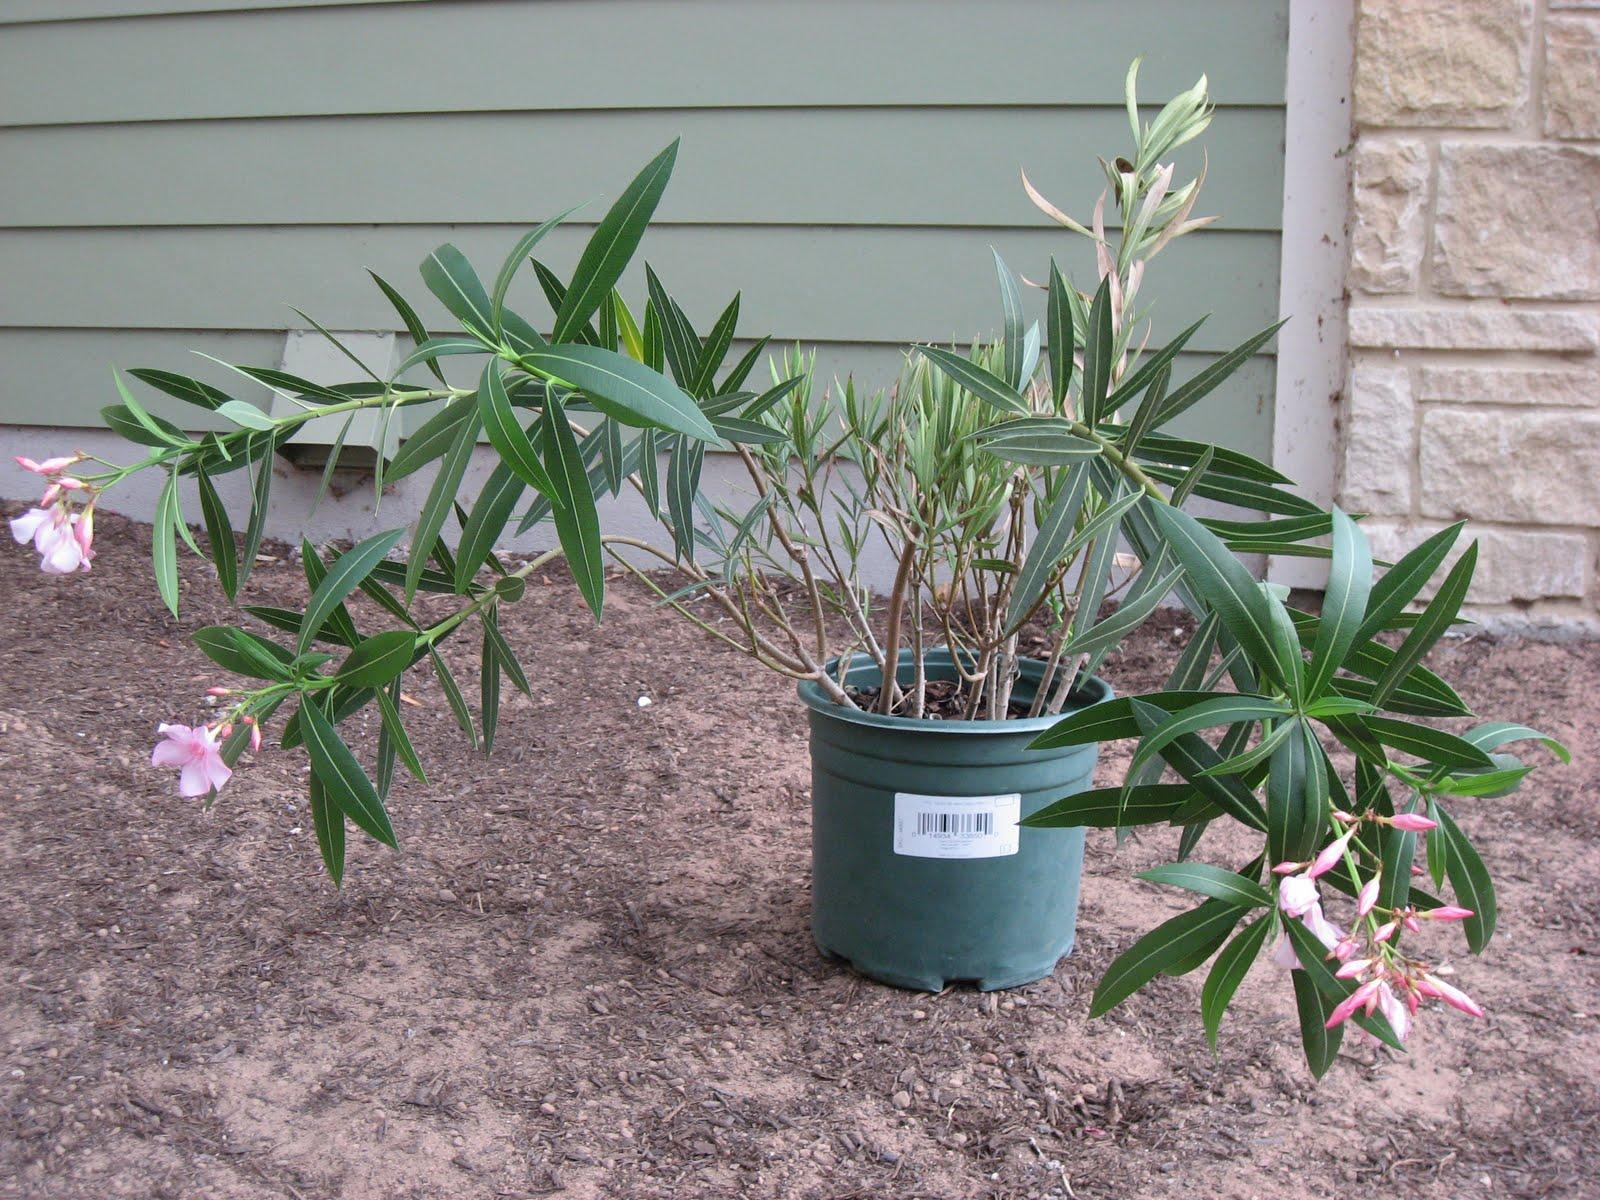 green house good life flora focus oleander. Black Bedroom Furniture Sets. Home Design Ideas